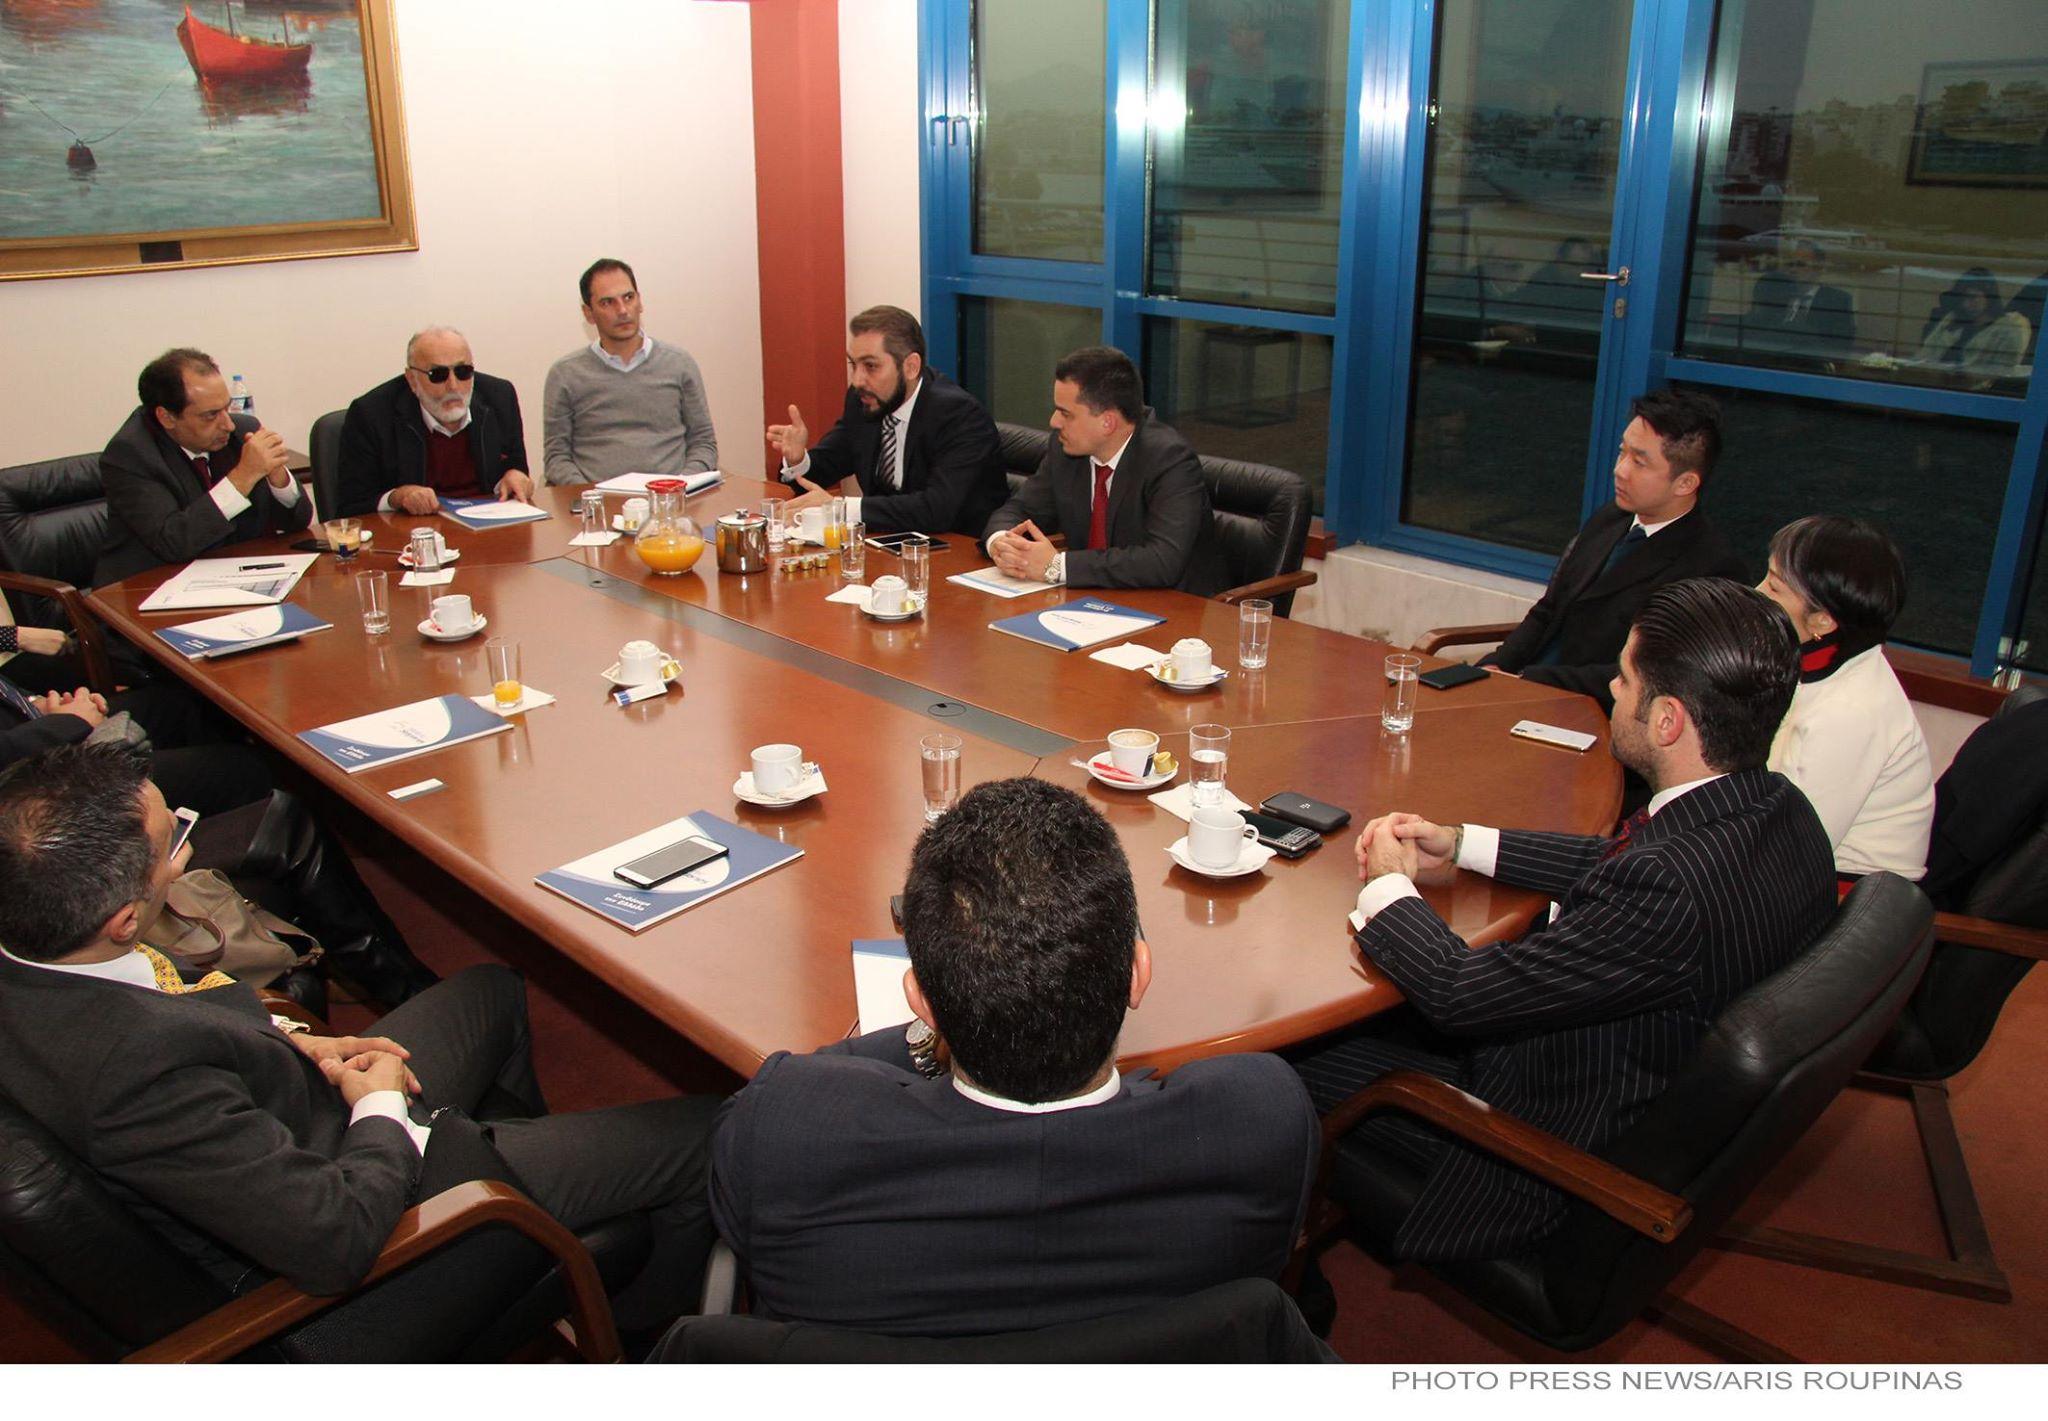 Αποτέλεσμα εικόνας για Σε πλήρη ευθυγράμμιση Hellenic Seaplanes, επενδυτές και κυβέρνηση